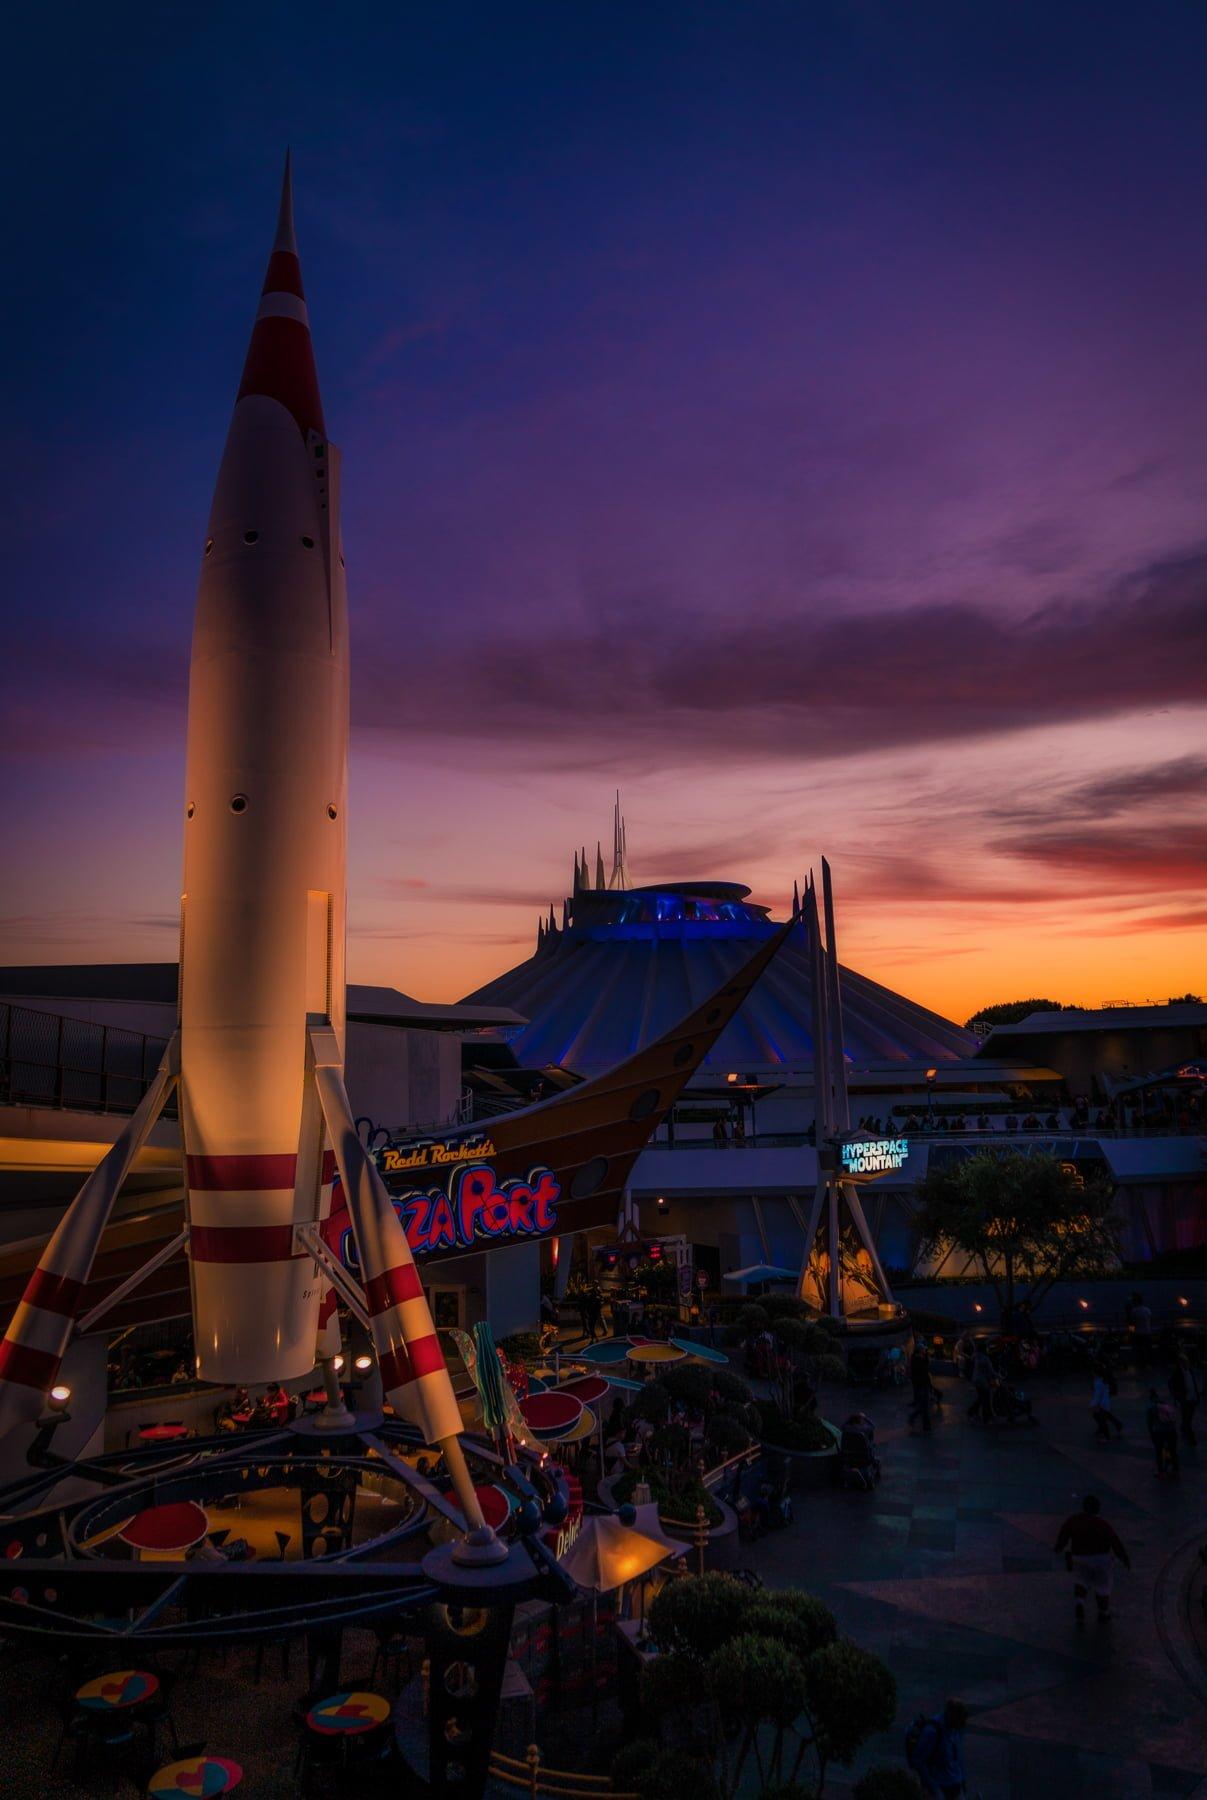 Best Disneyland Attractions & Ride Guide - Disney Tourist Blog